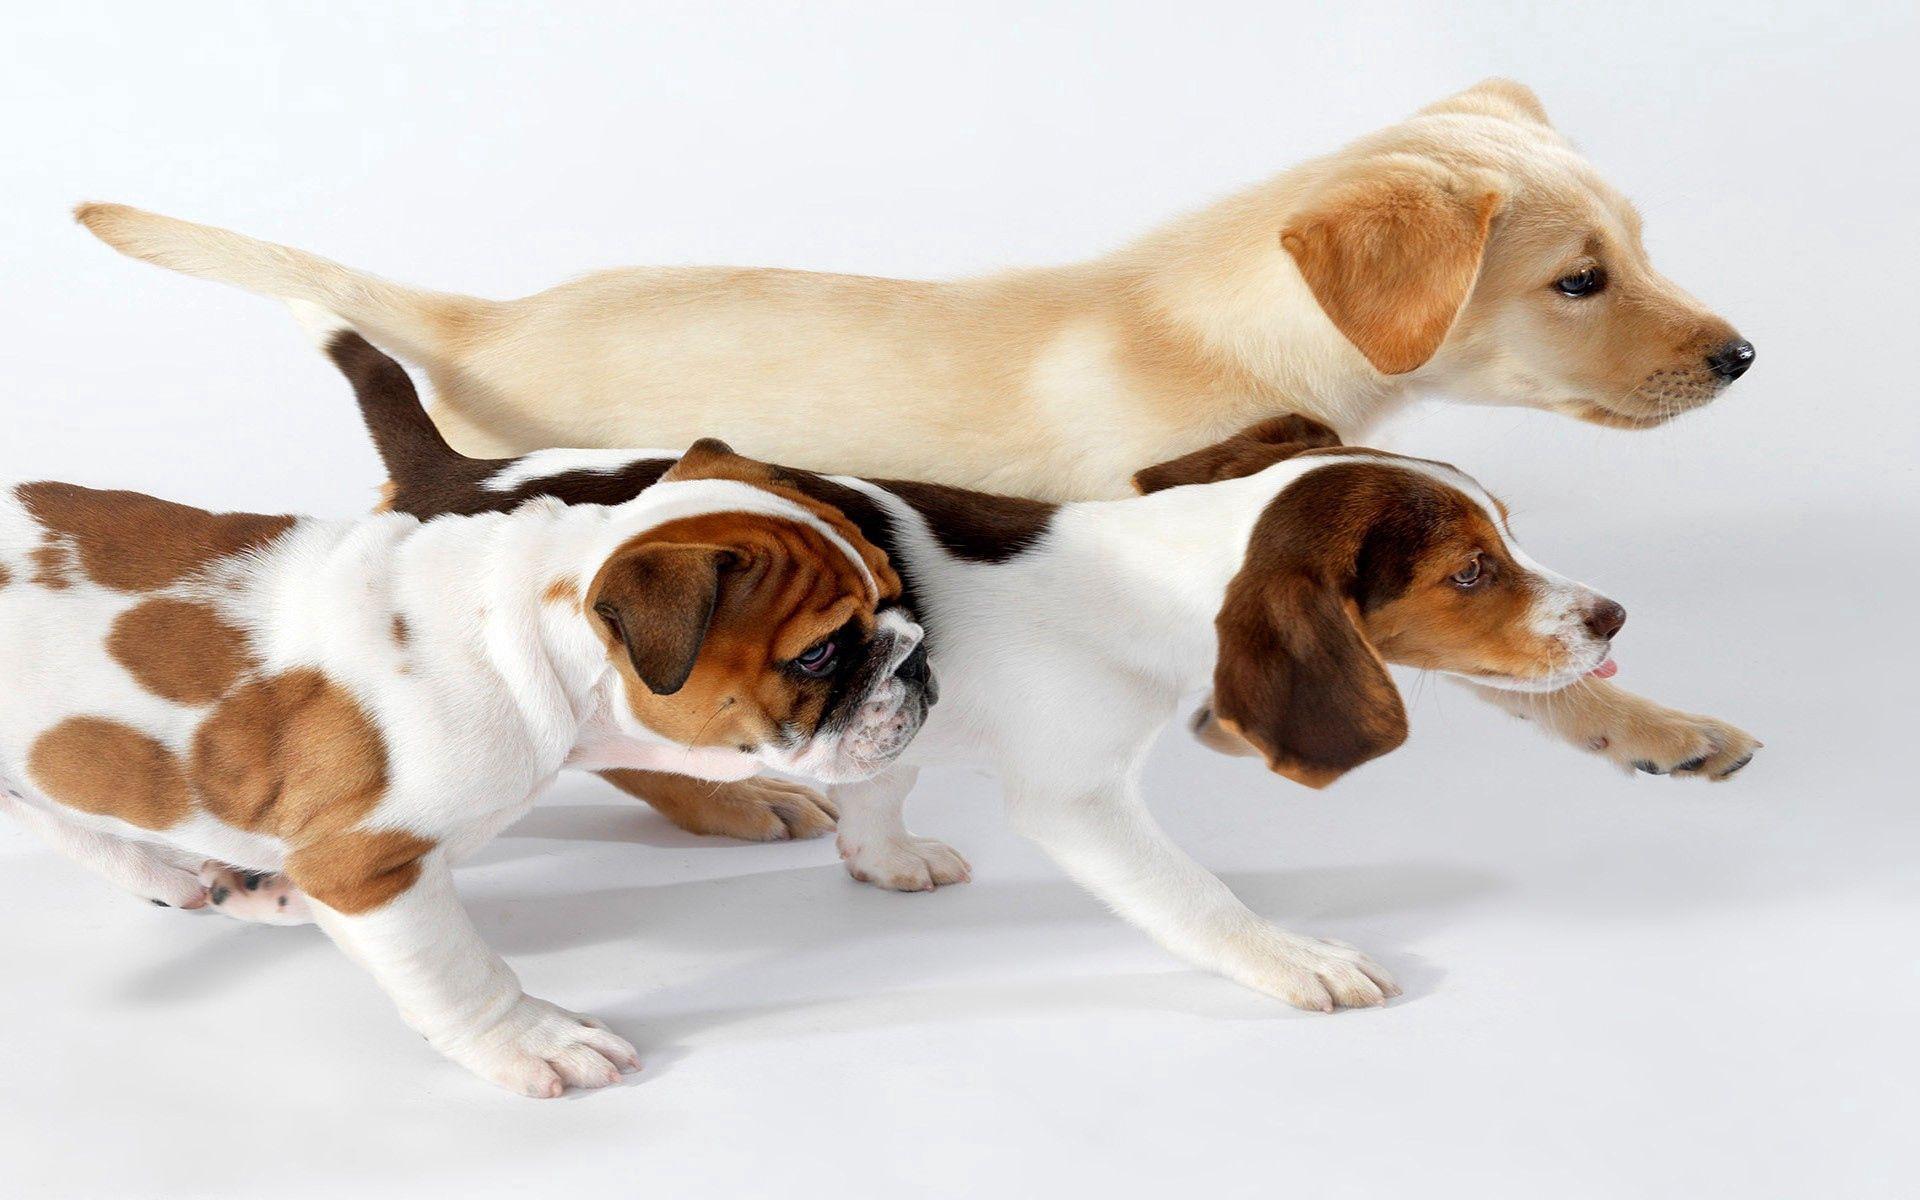 117417 descargar fondo de pantalla Animales, Perros, Tres, Correr, Corriente, Color: protectores de pantalla e imágenes gratis